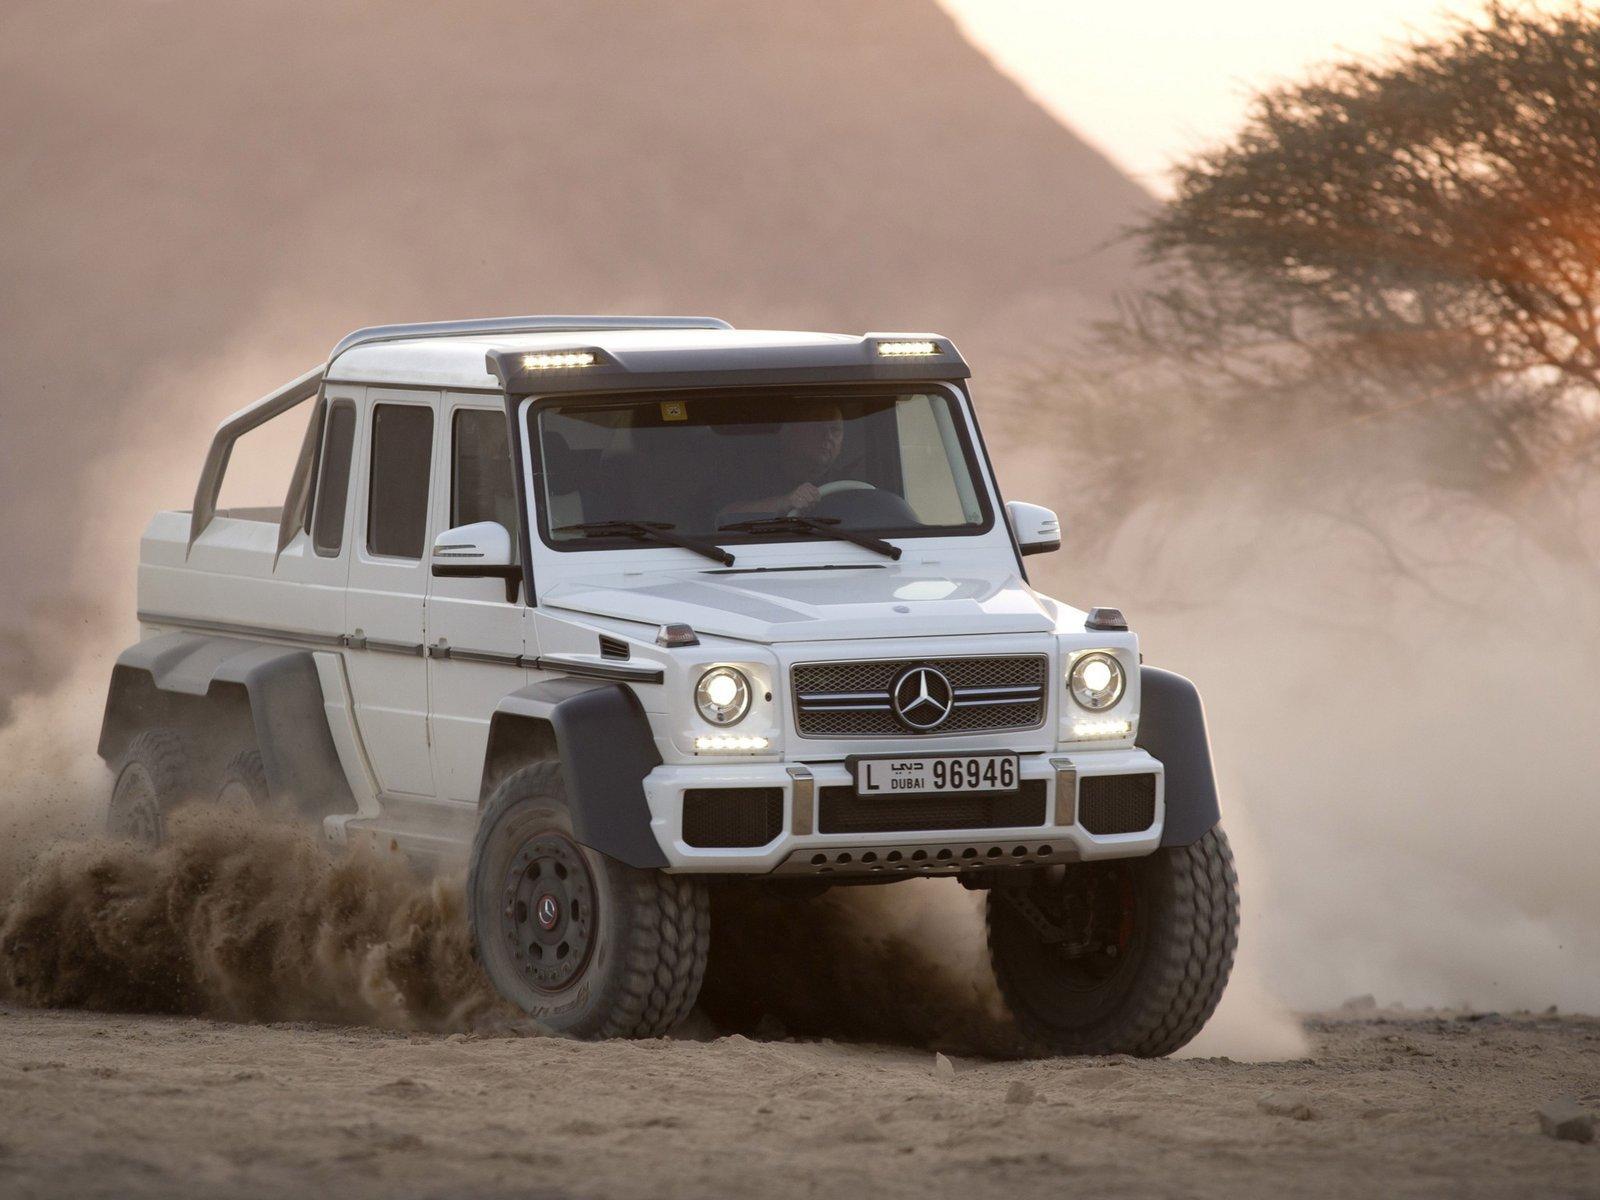 Mercedes-Benz G 63 AMG 6x6 to Star in Next Jurassic Park Film